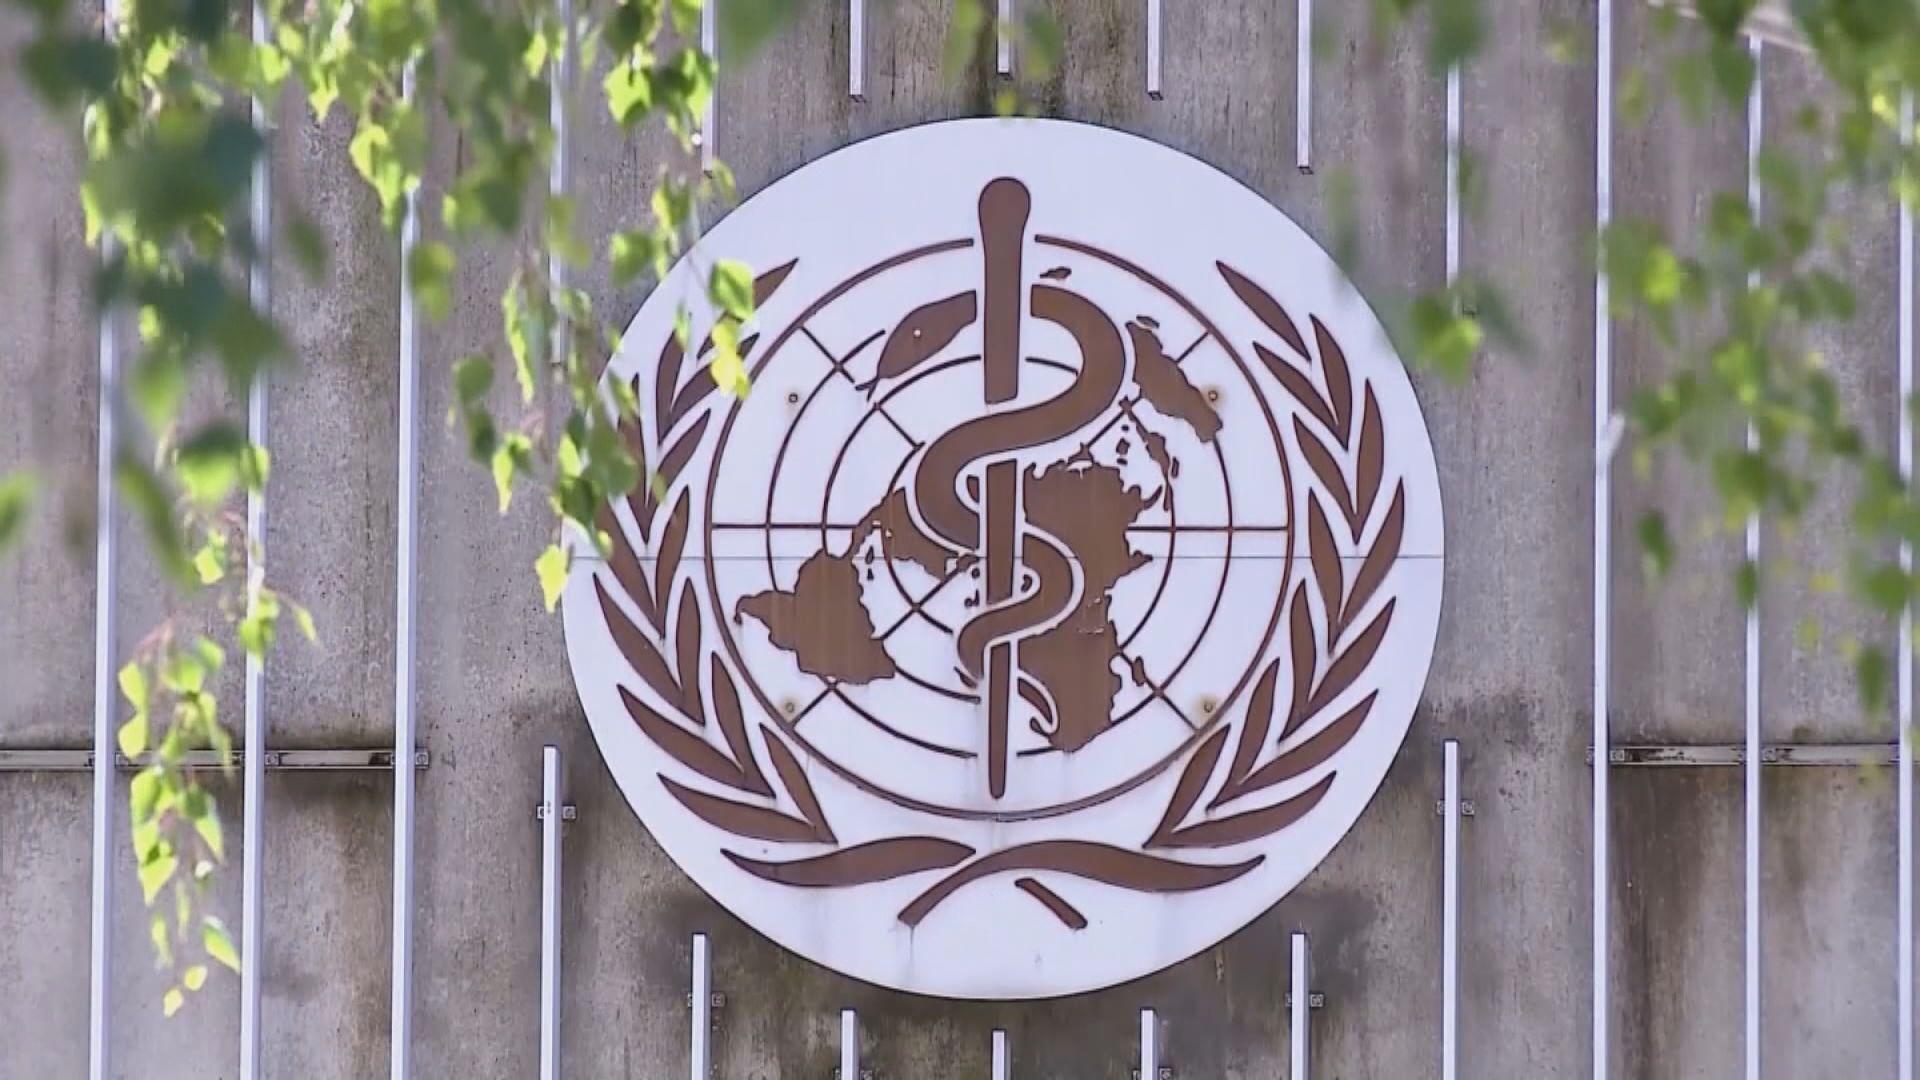 獨立專家小組報告指世衛判斷疫情能力嚴重受限